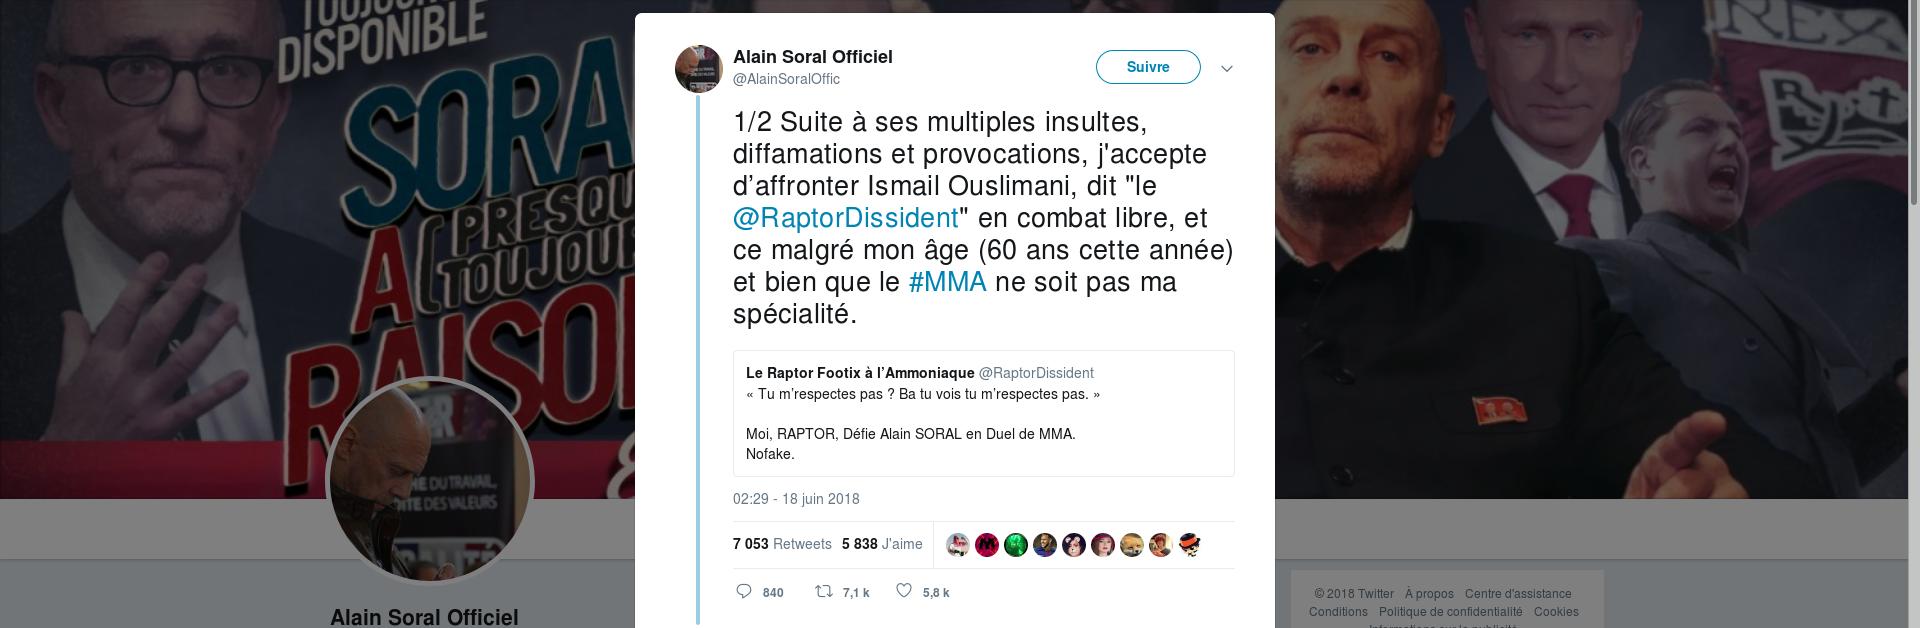 Alain Soral Twitter